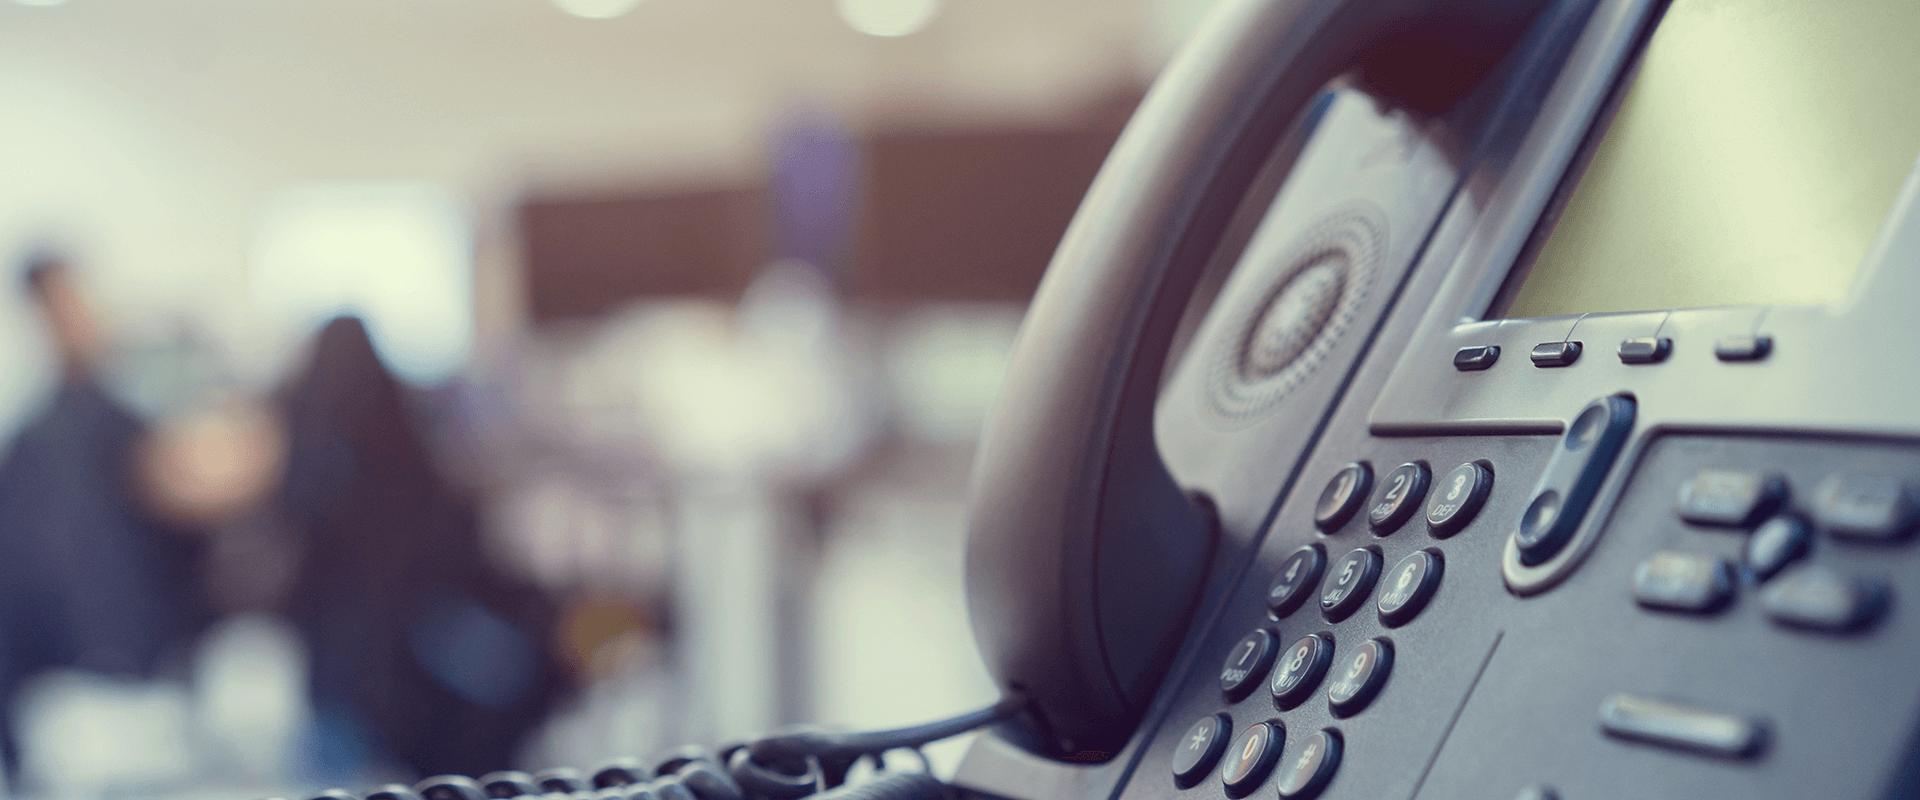 Nahaufnahme - Telefon